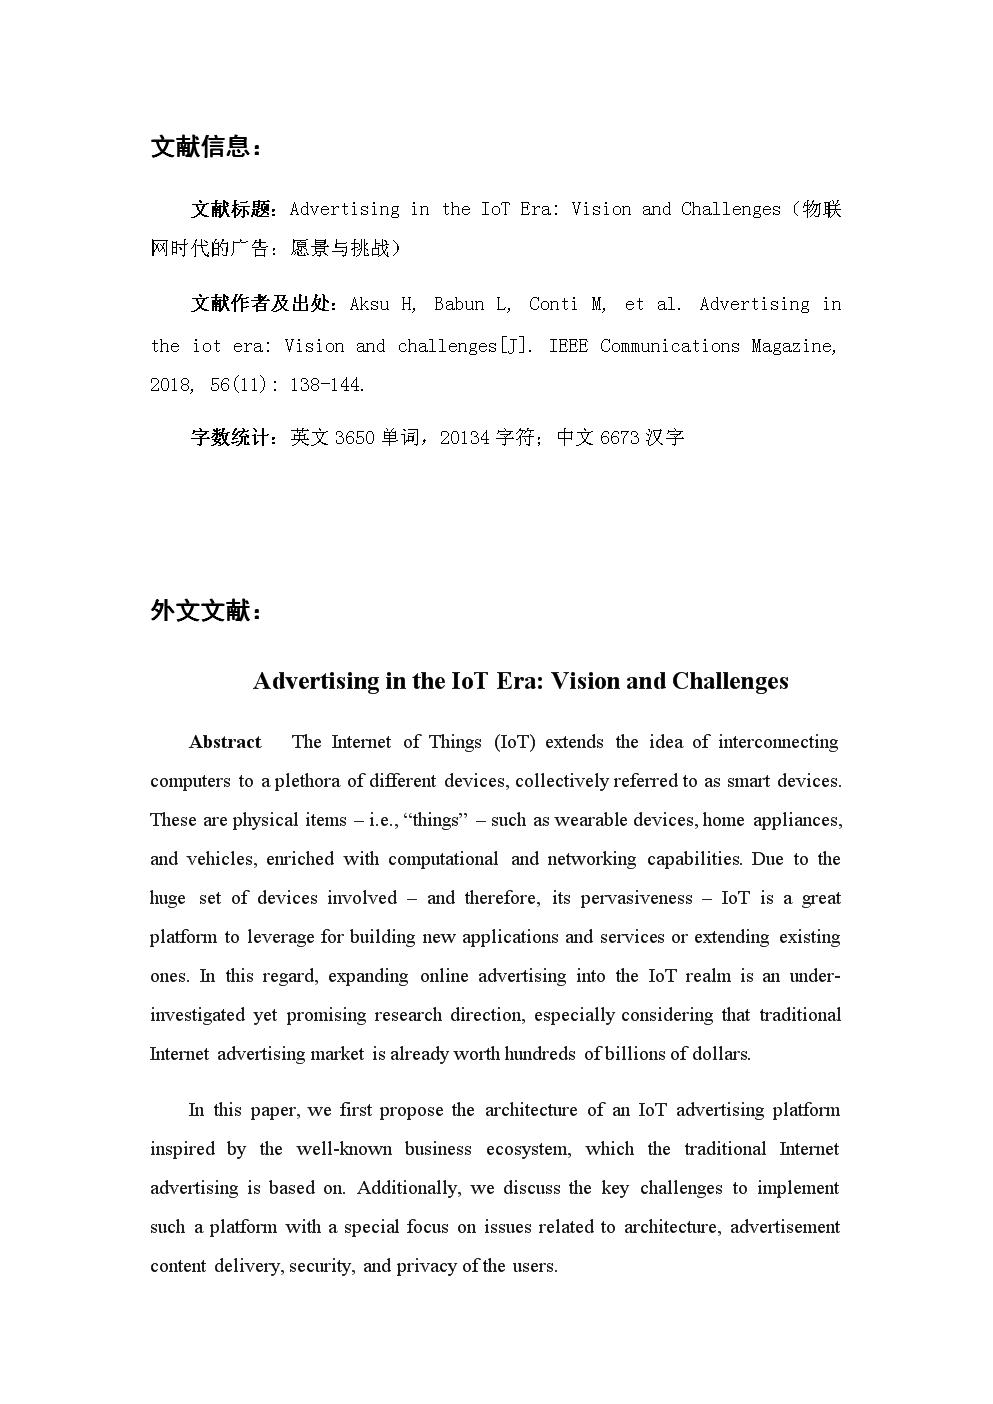 互联网物联网广告中英文对照外文翻译.docx